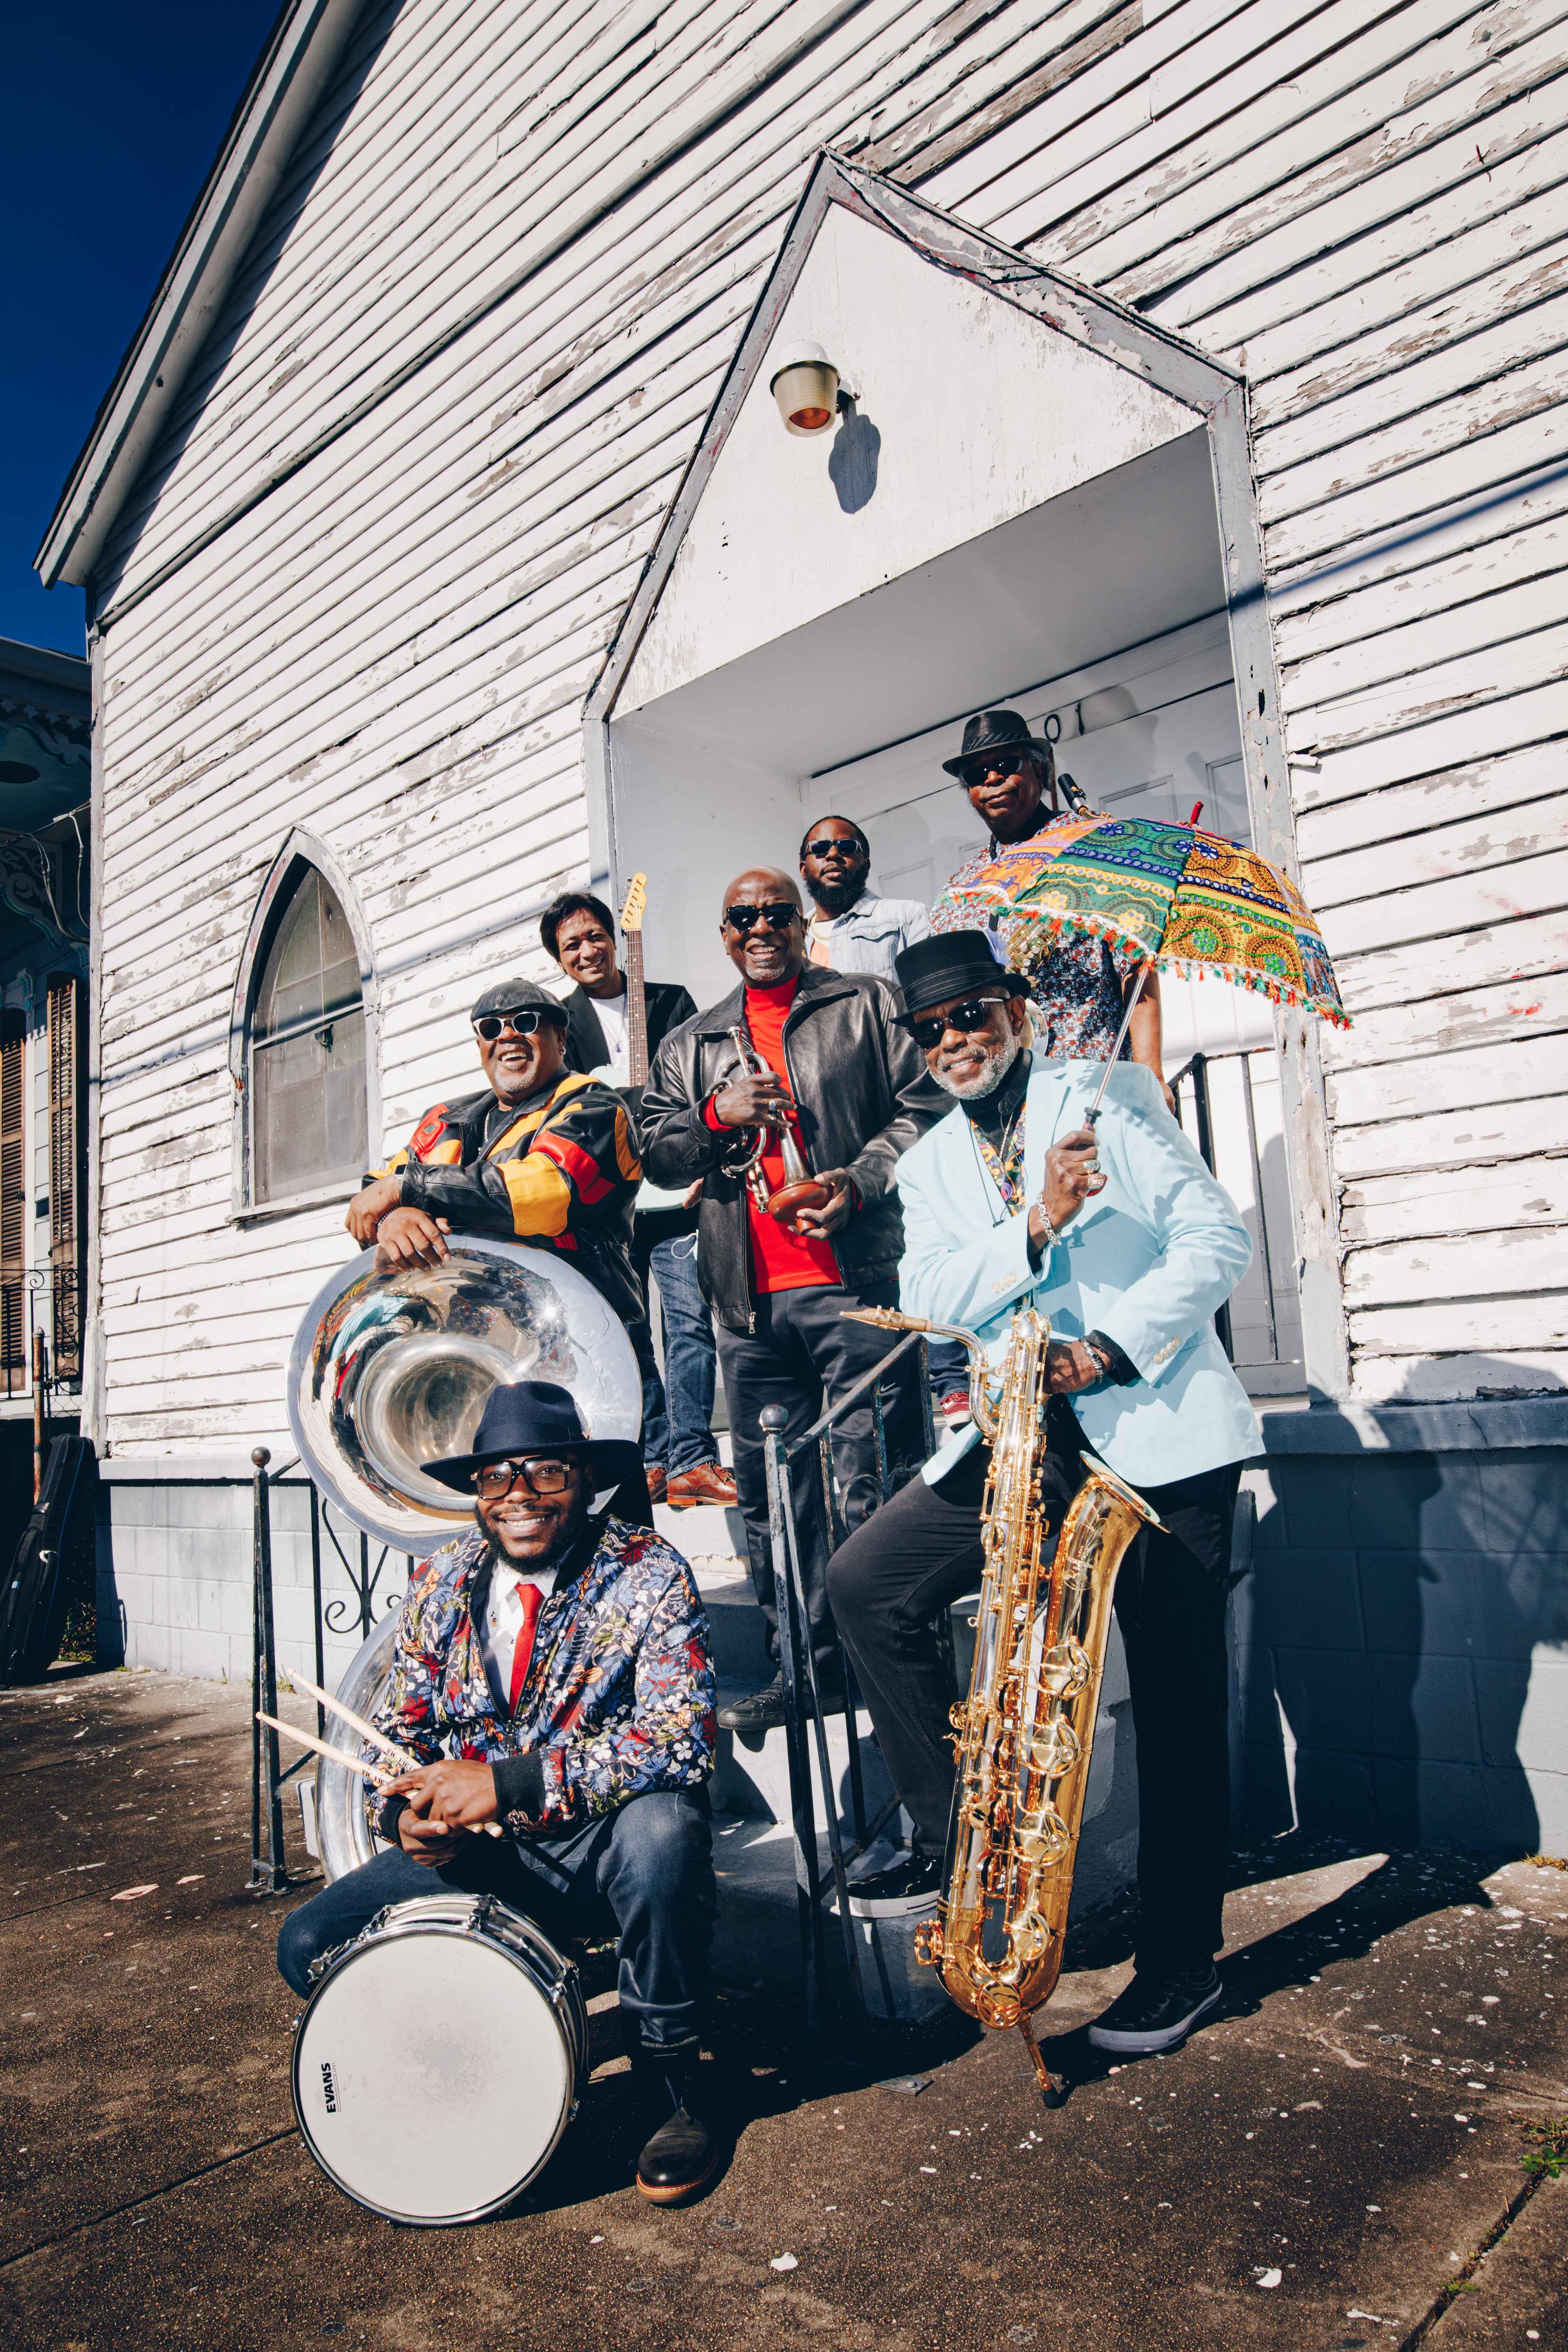 Dirty Dozen Brass Band - An Evening Of New Orleans Jazz, Funk & Soul